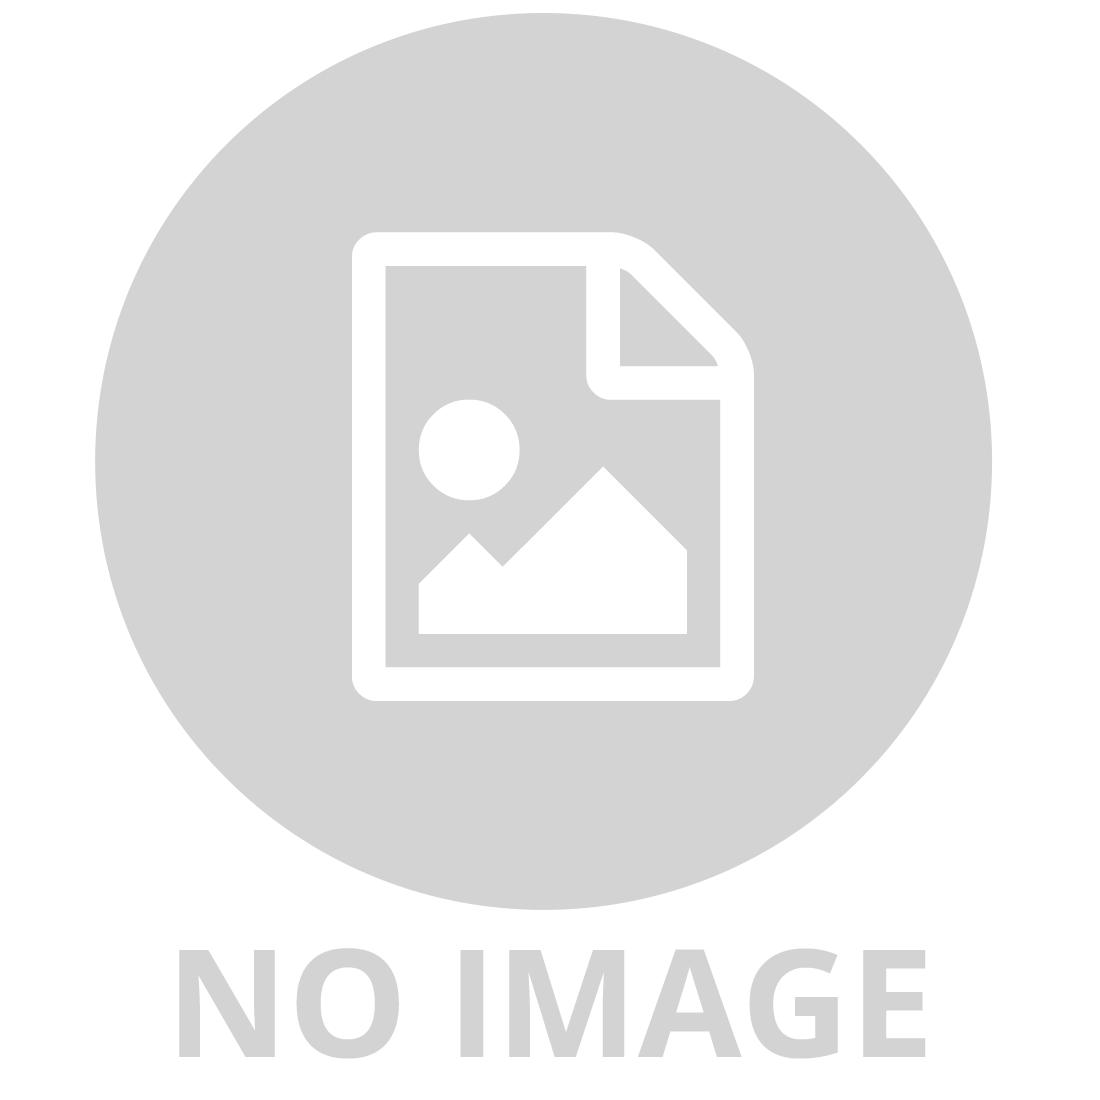 RAVENSBURGER 300 PIECE JIGSAW PUZZLE SUNLIT SHORES